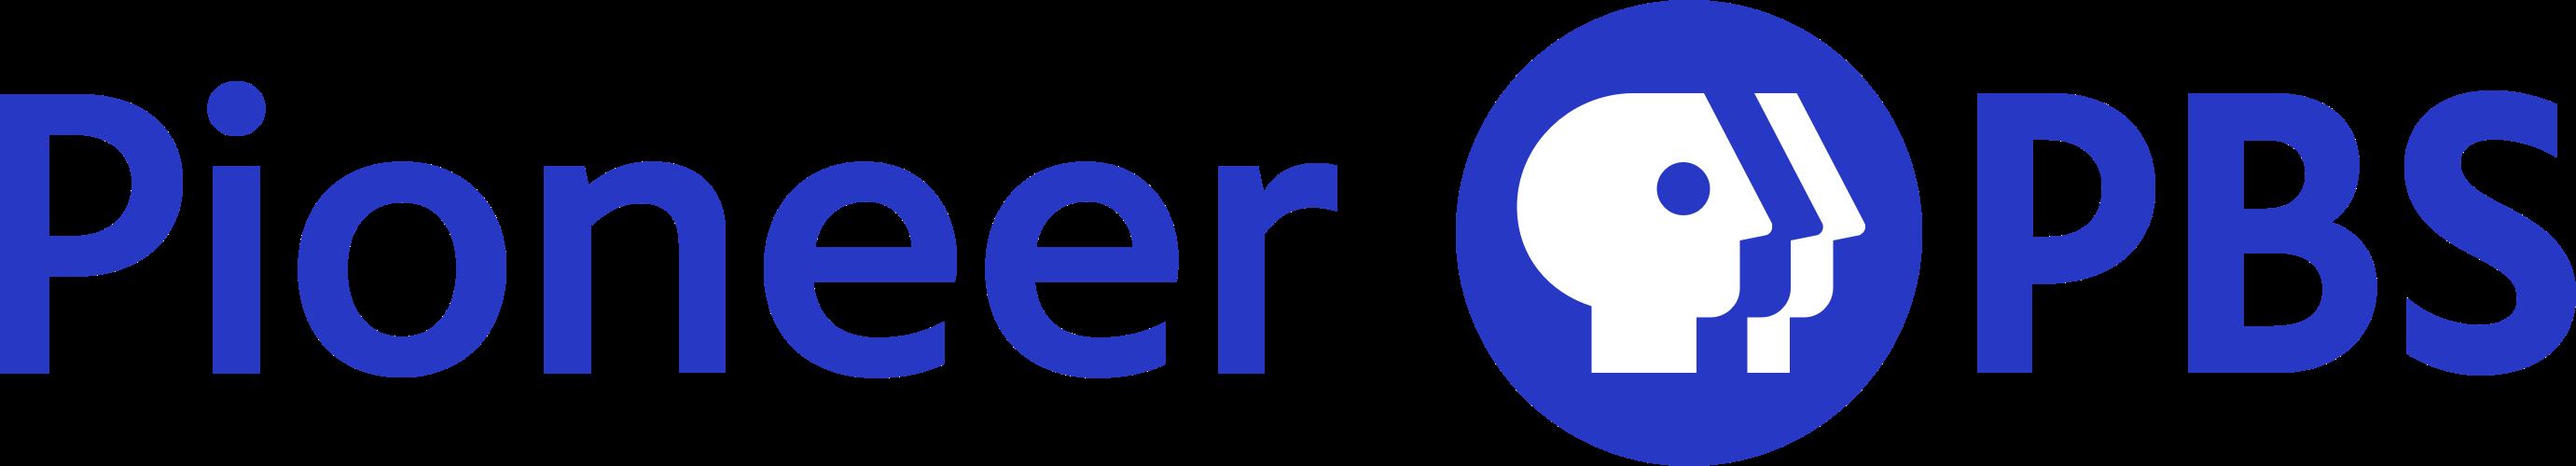 Pioneer PBS